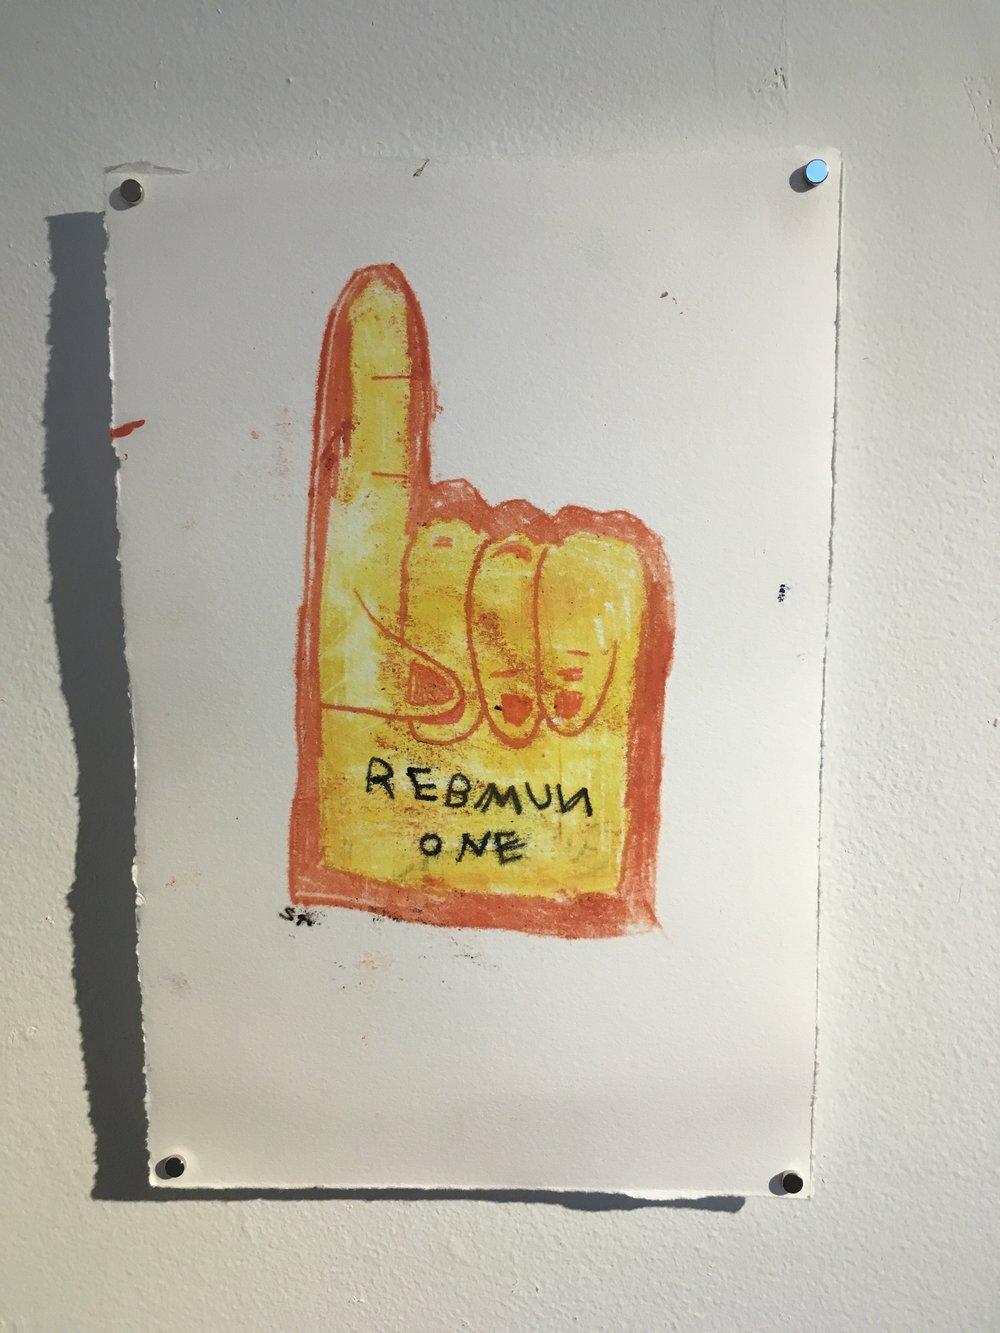 rebmun one, 2018